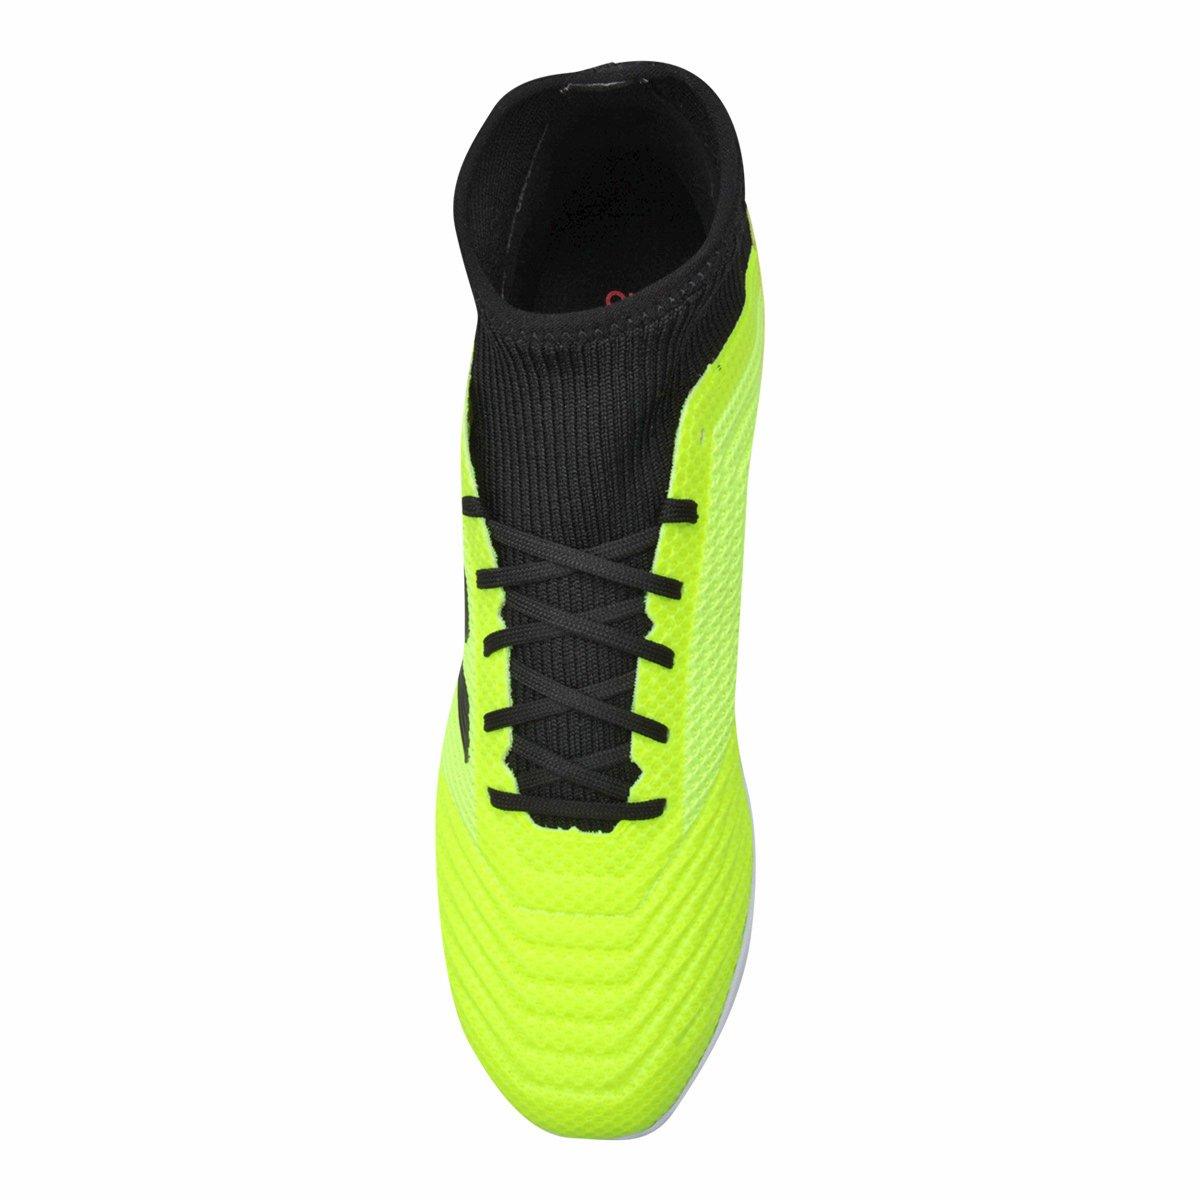 Chuteira Society Adidas Predator TAN 18 3 TF - Amarelo e Preto ... 4a35824ec3112